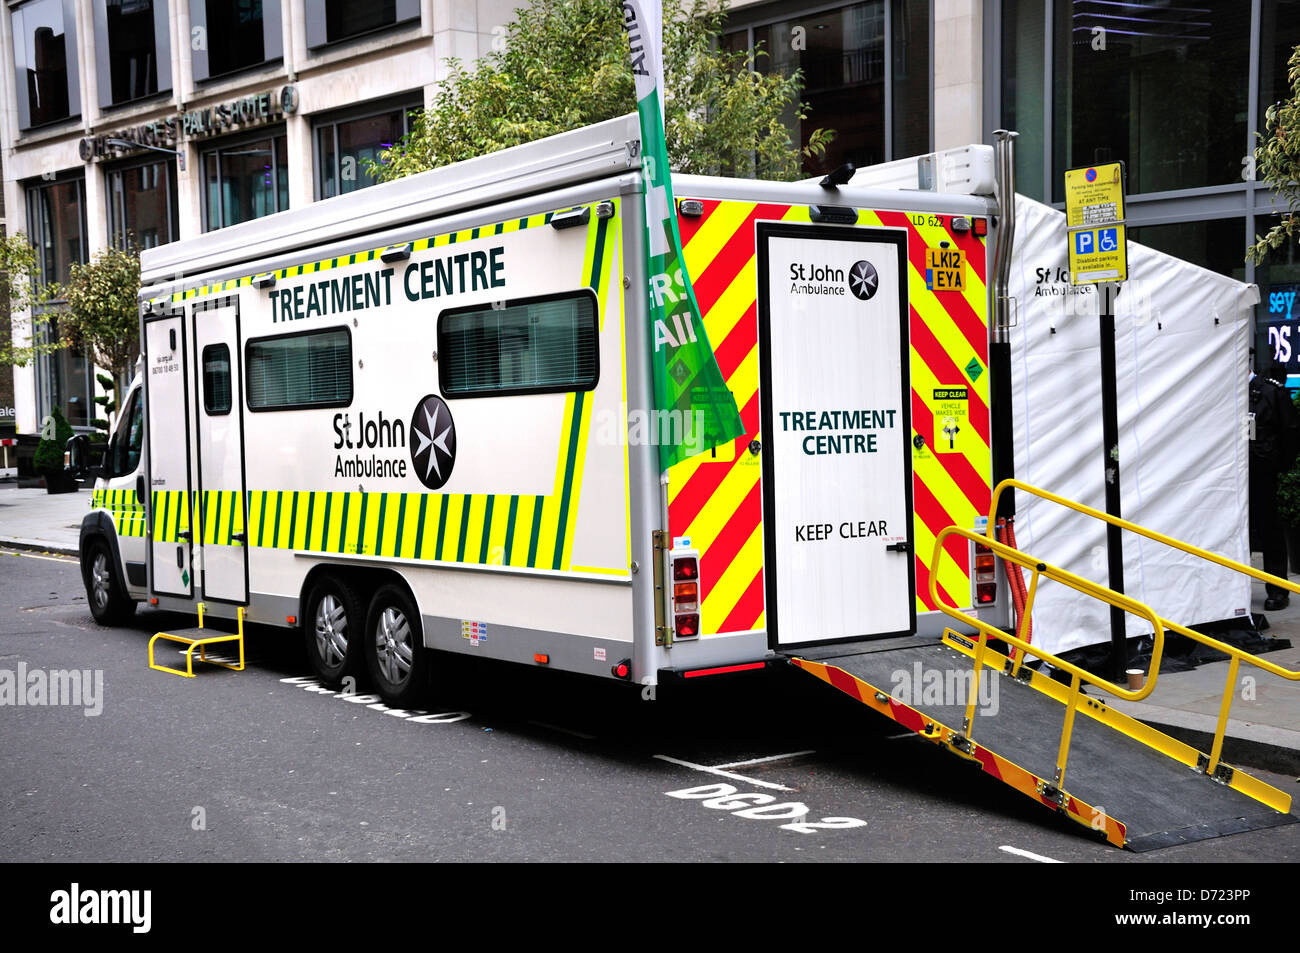 st johns ambulance stock photos  u0026 st johns ambulance stock